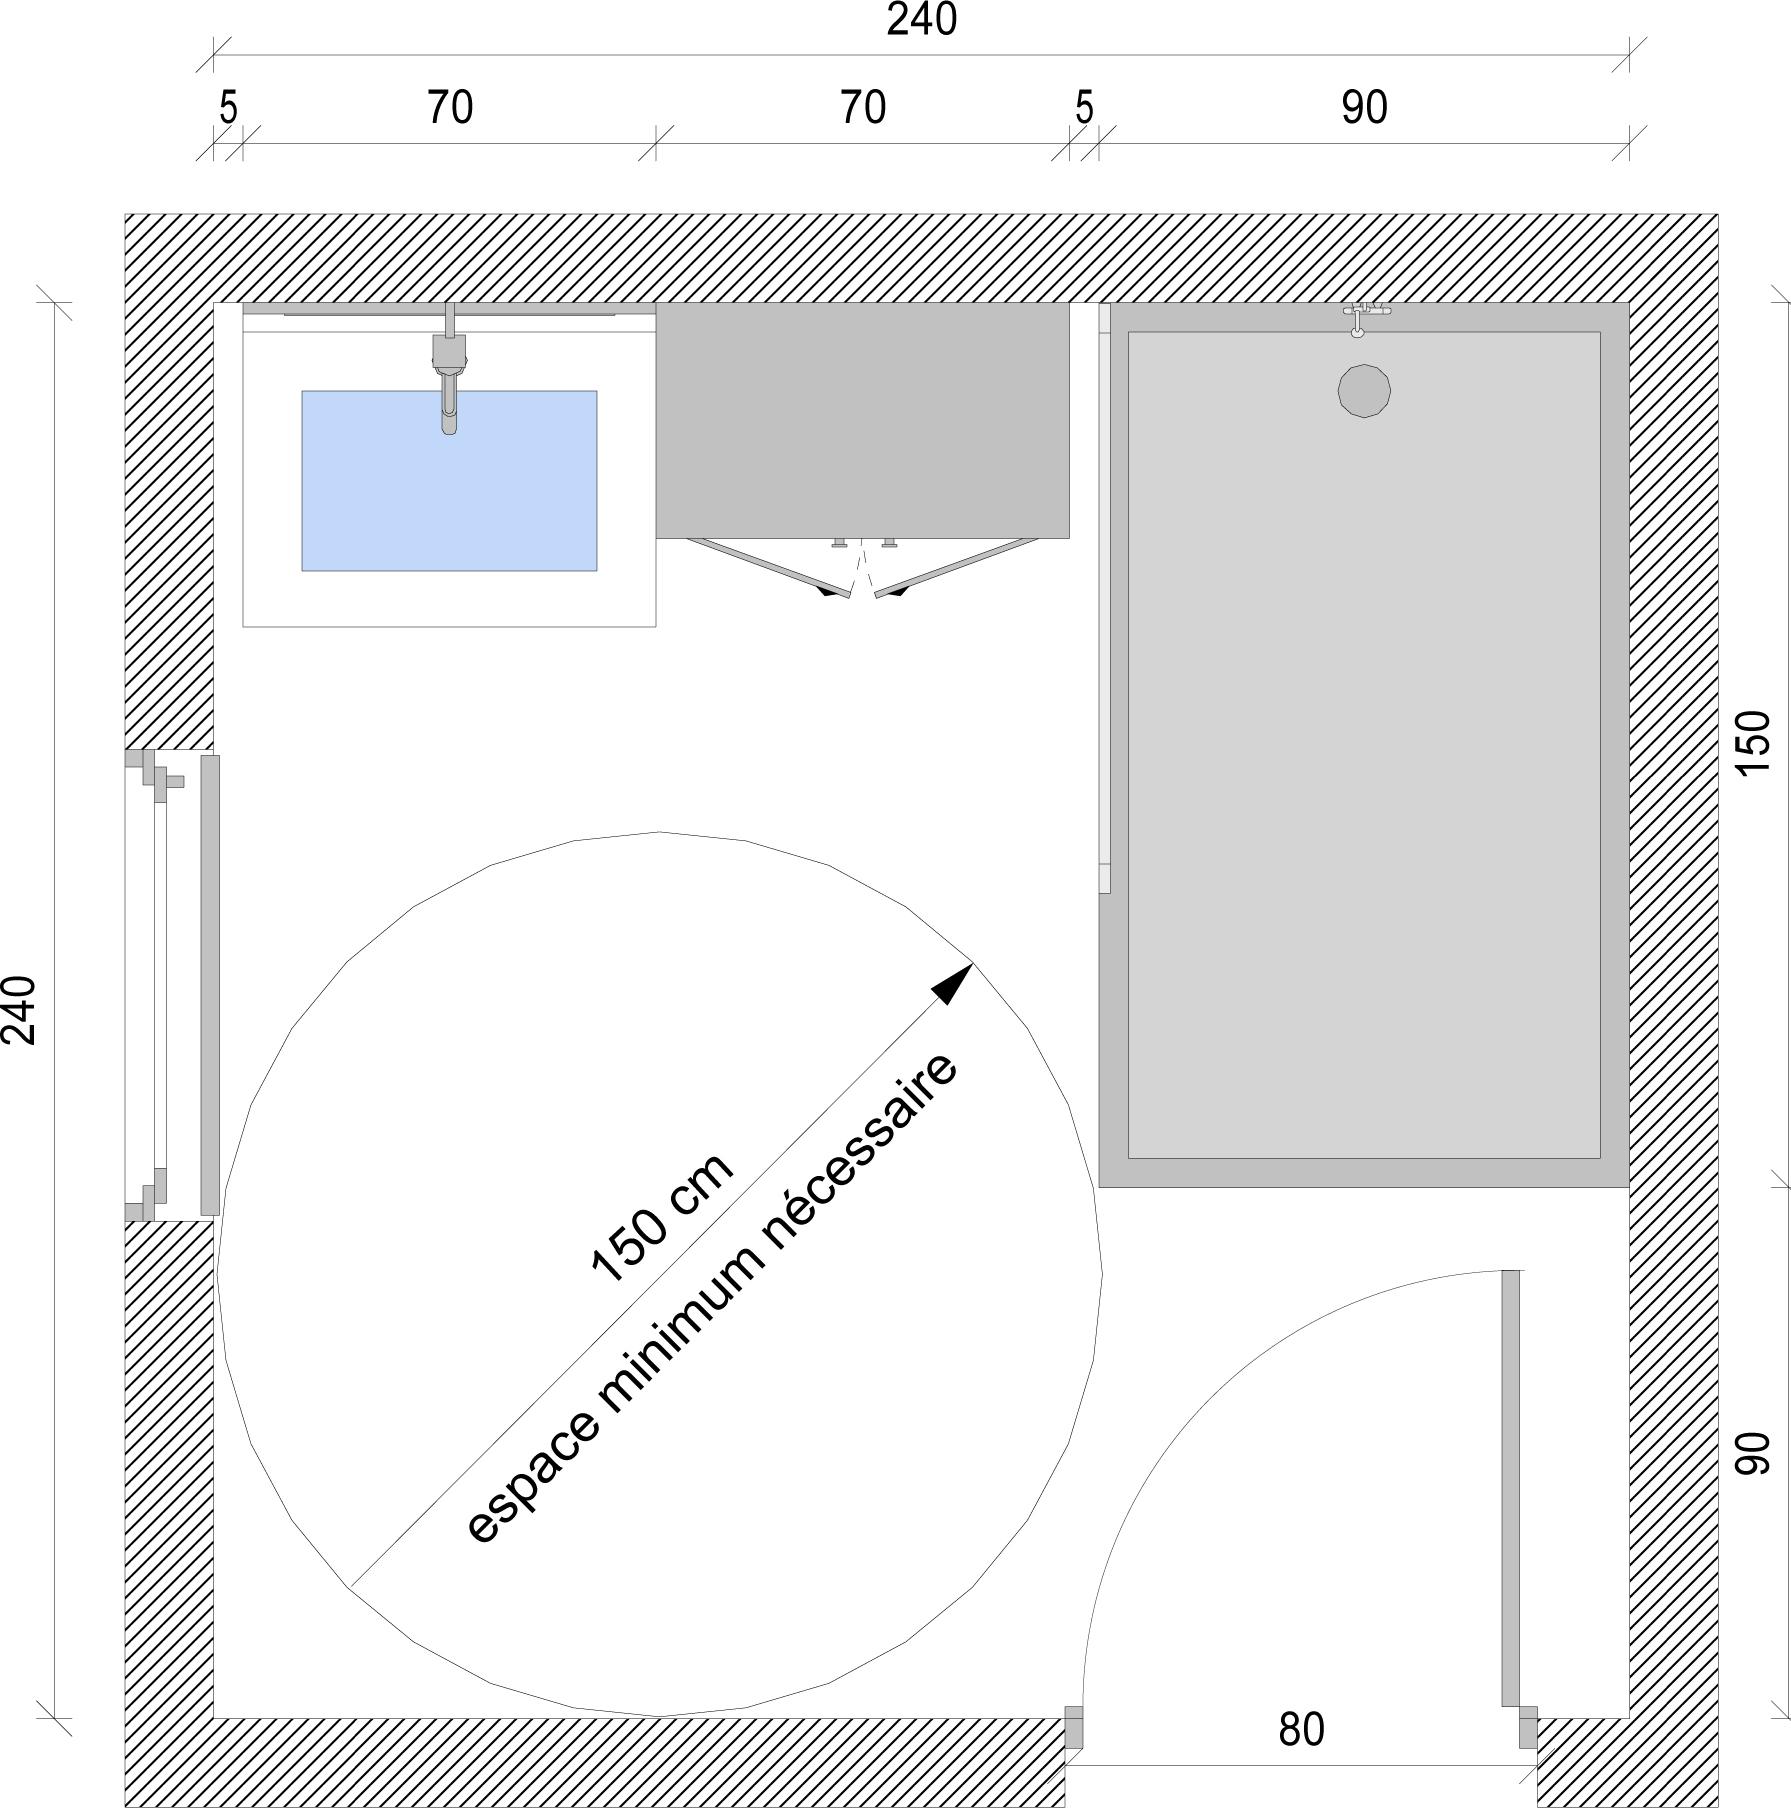 Hauteur Applique Salle De Bain Inspirant Image Hauteur Applique Salle De Bain